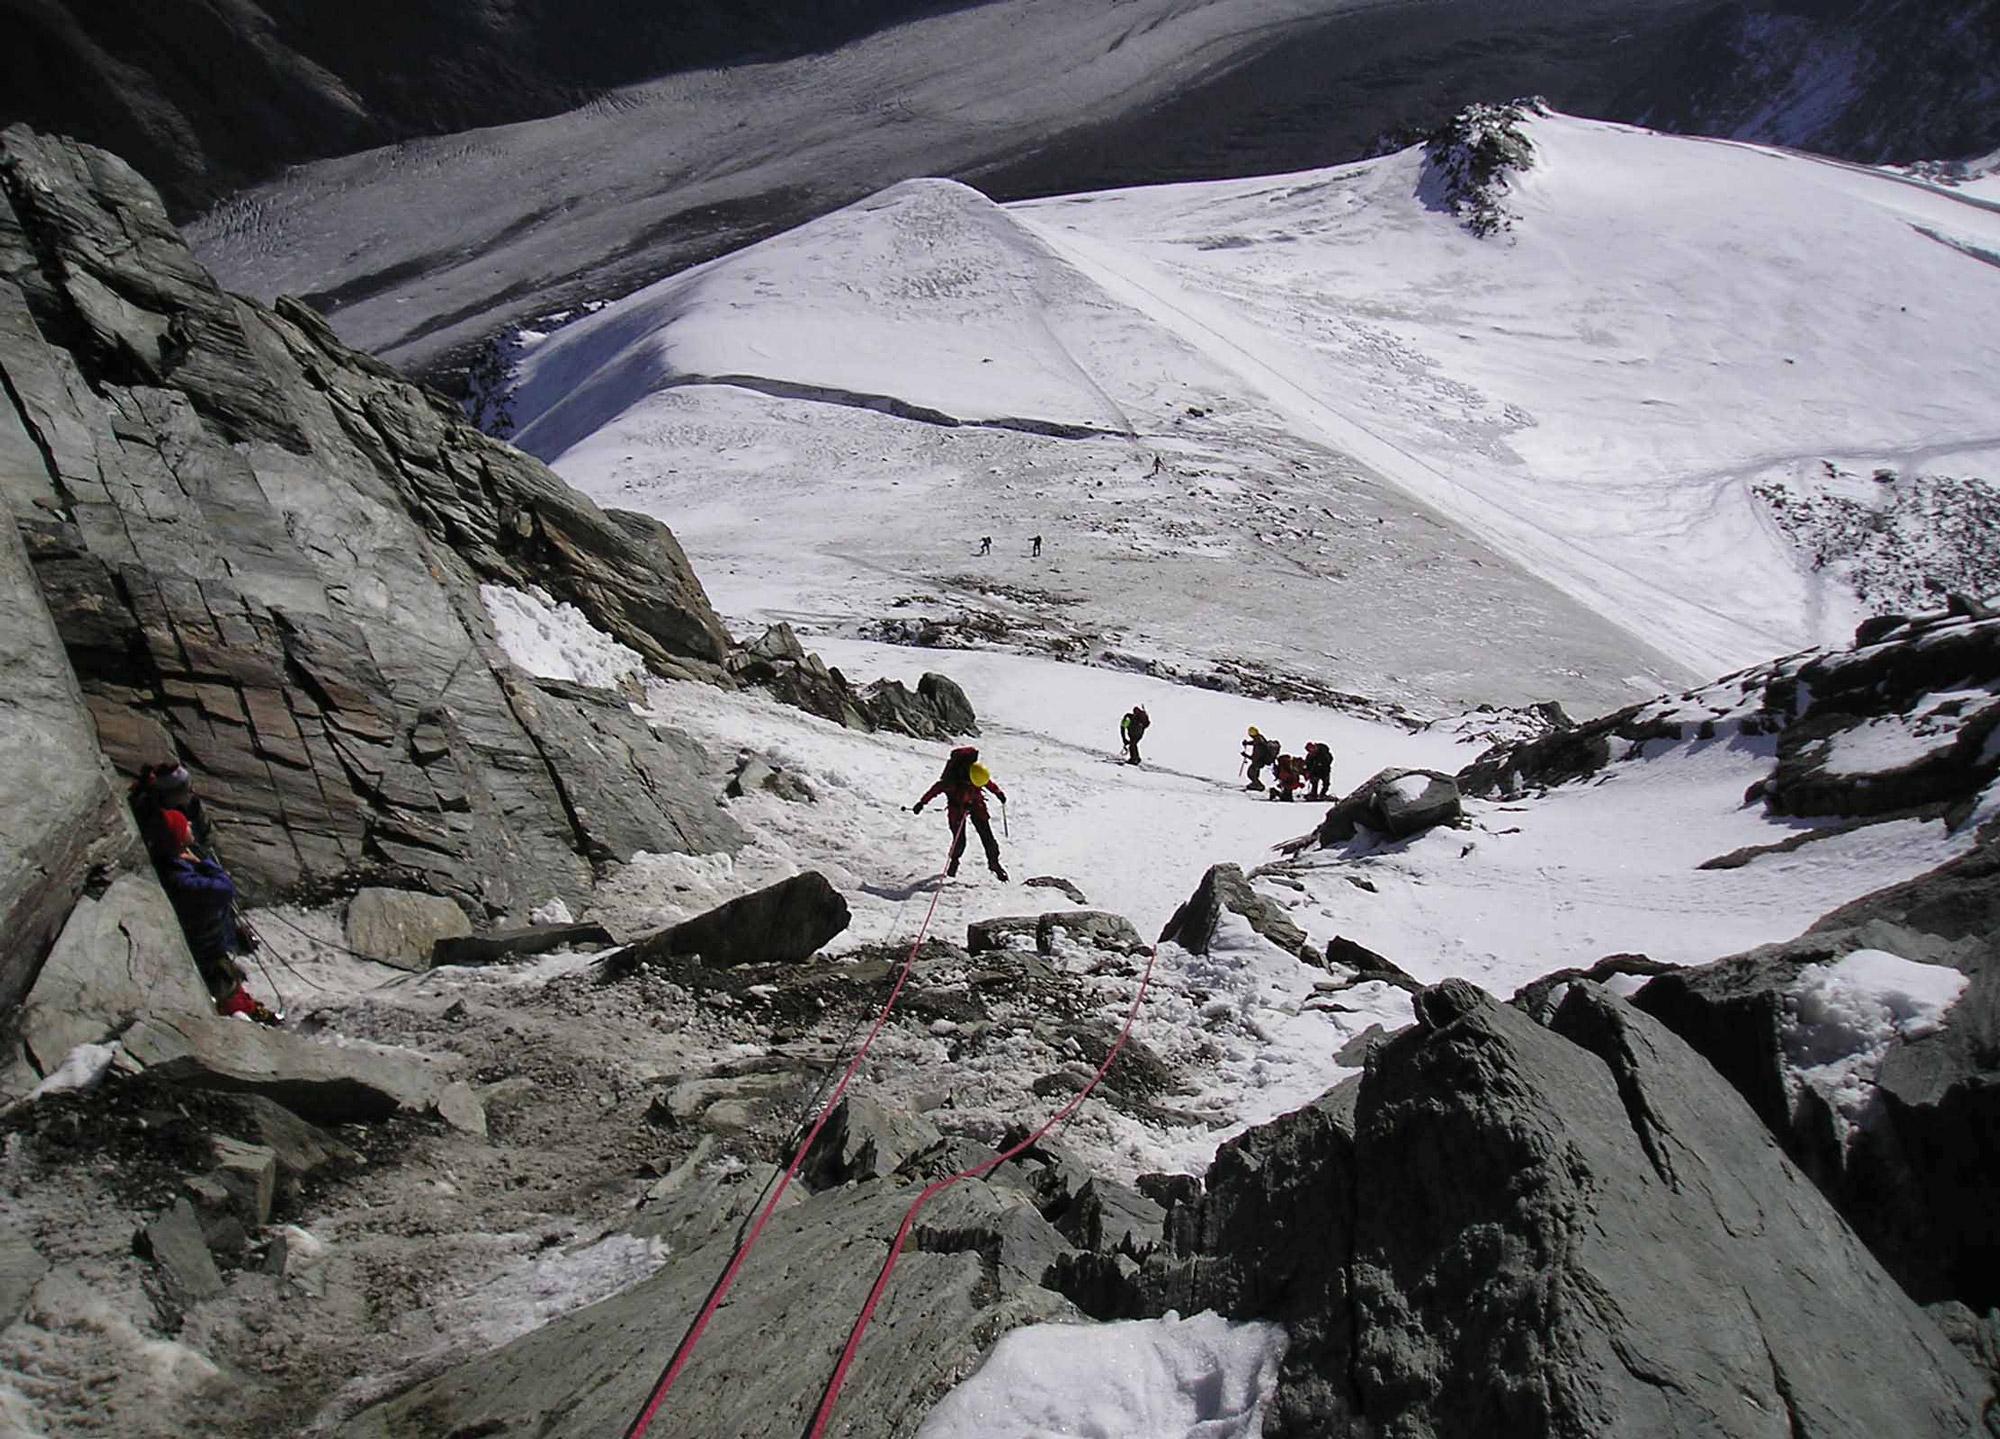 Das Glocknerleitl am Großglockner. Im September 2003 eine feine Eis-/Schneeflanke ... Foto: Archiv Gatt I bergundsteigen.blog